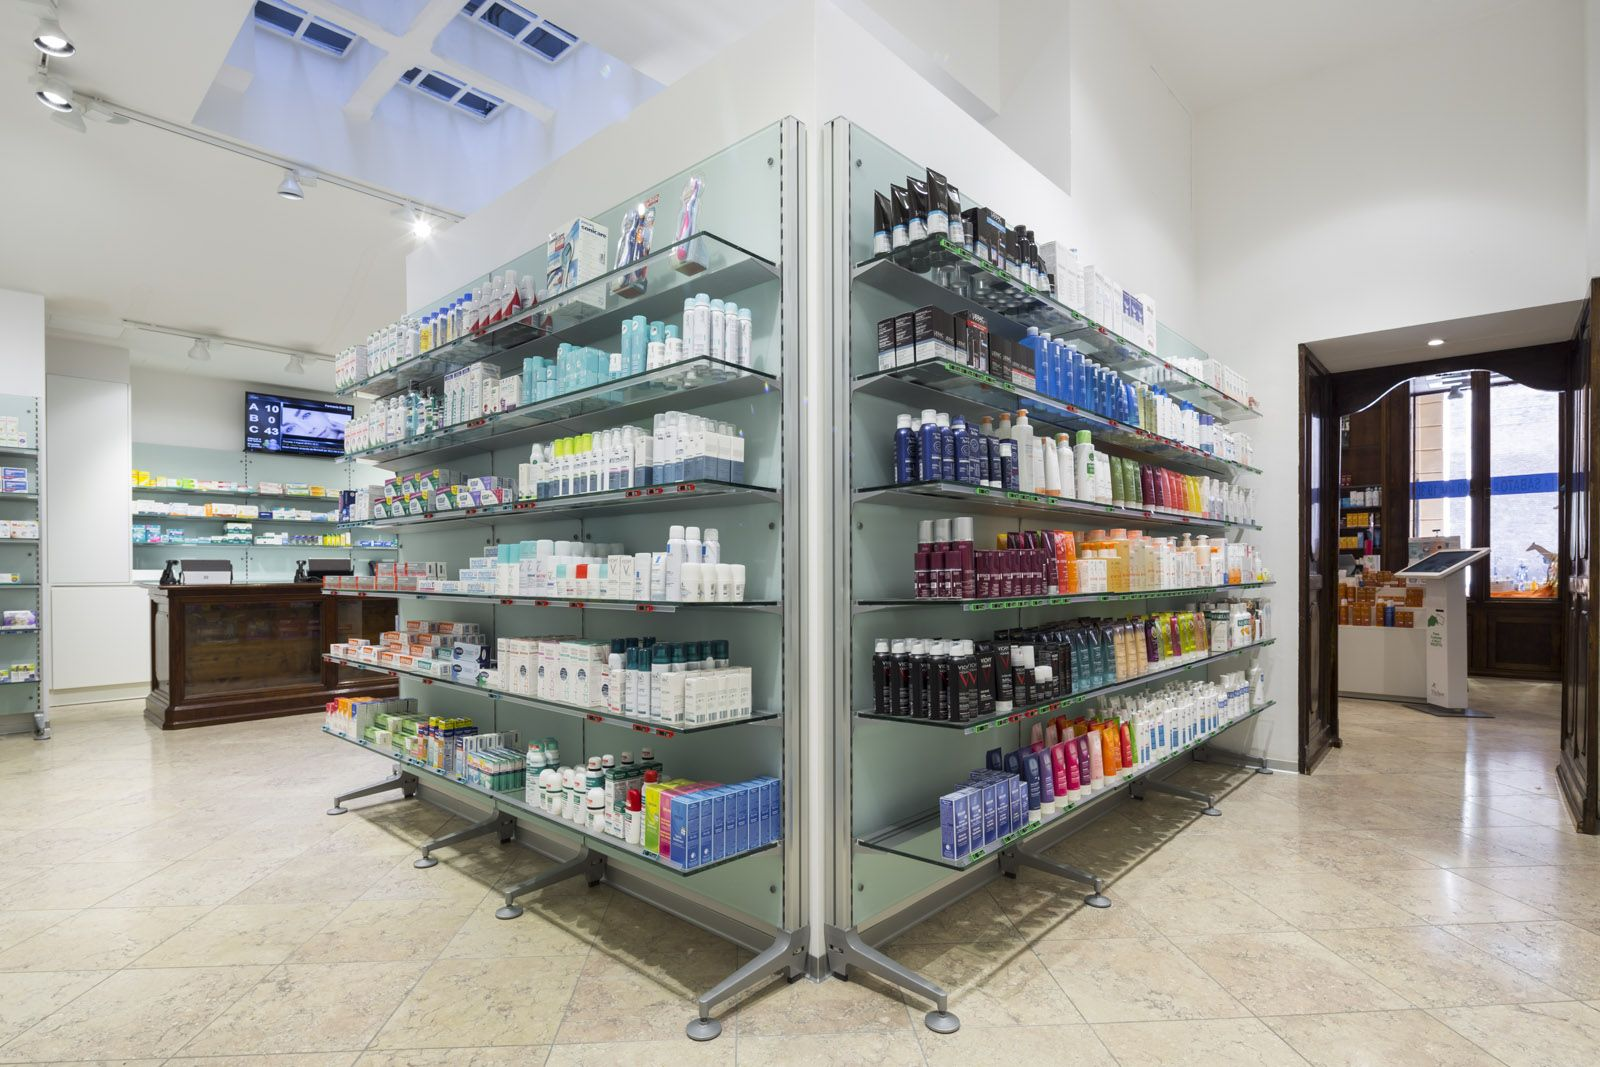 Pharmacy Zarri 1814 Bologna Th Kohl Furnitures In Italy  # Kohl Muebles Farmacia